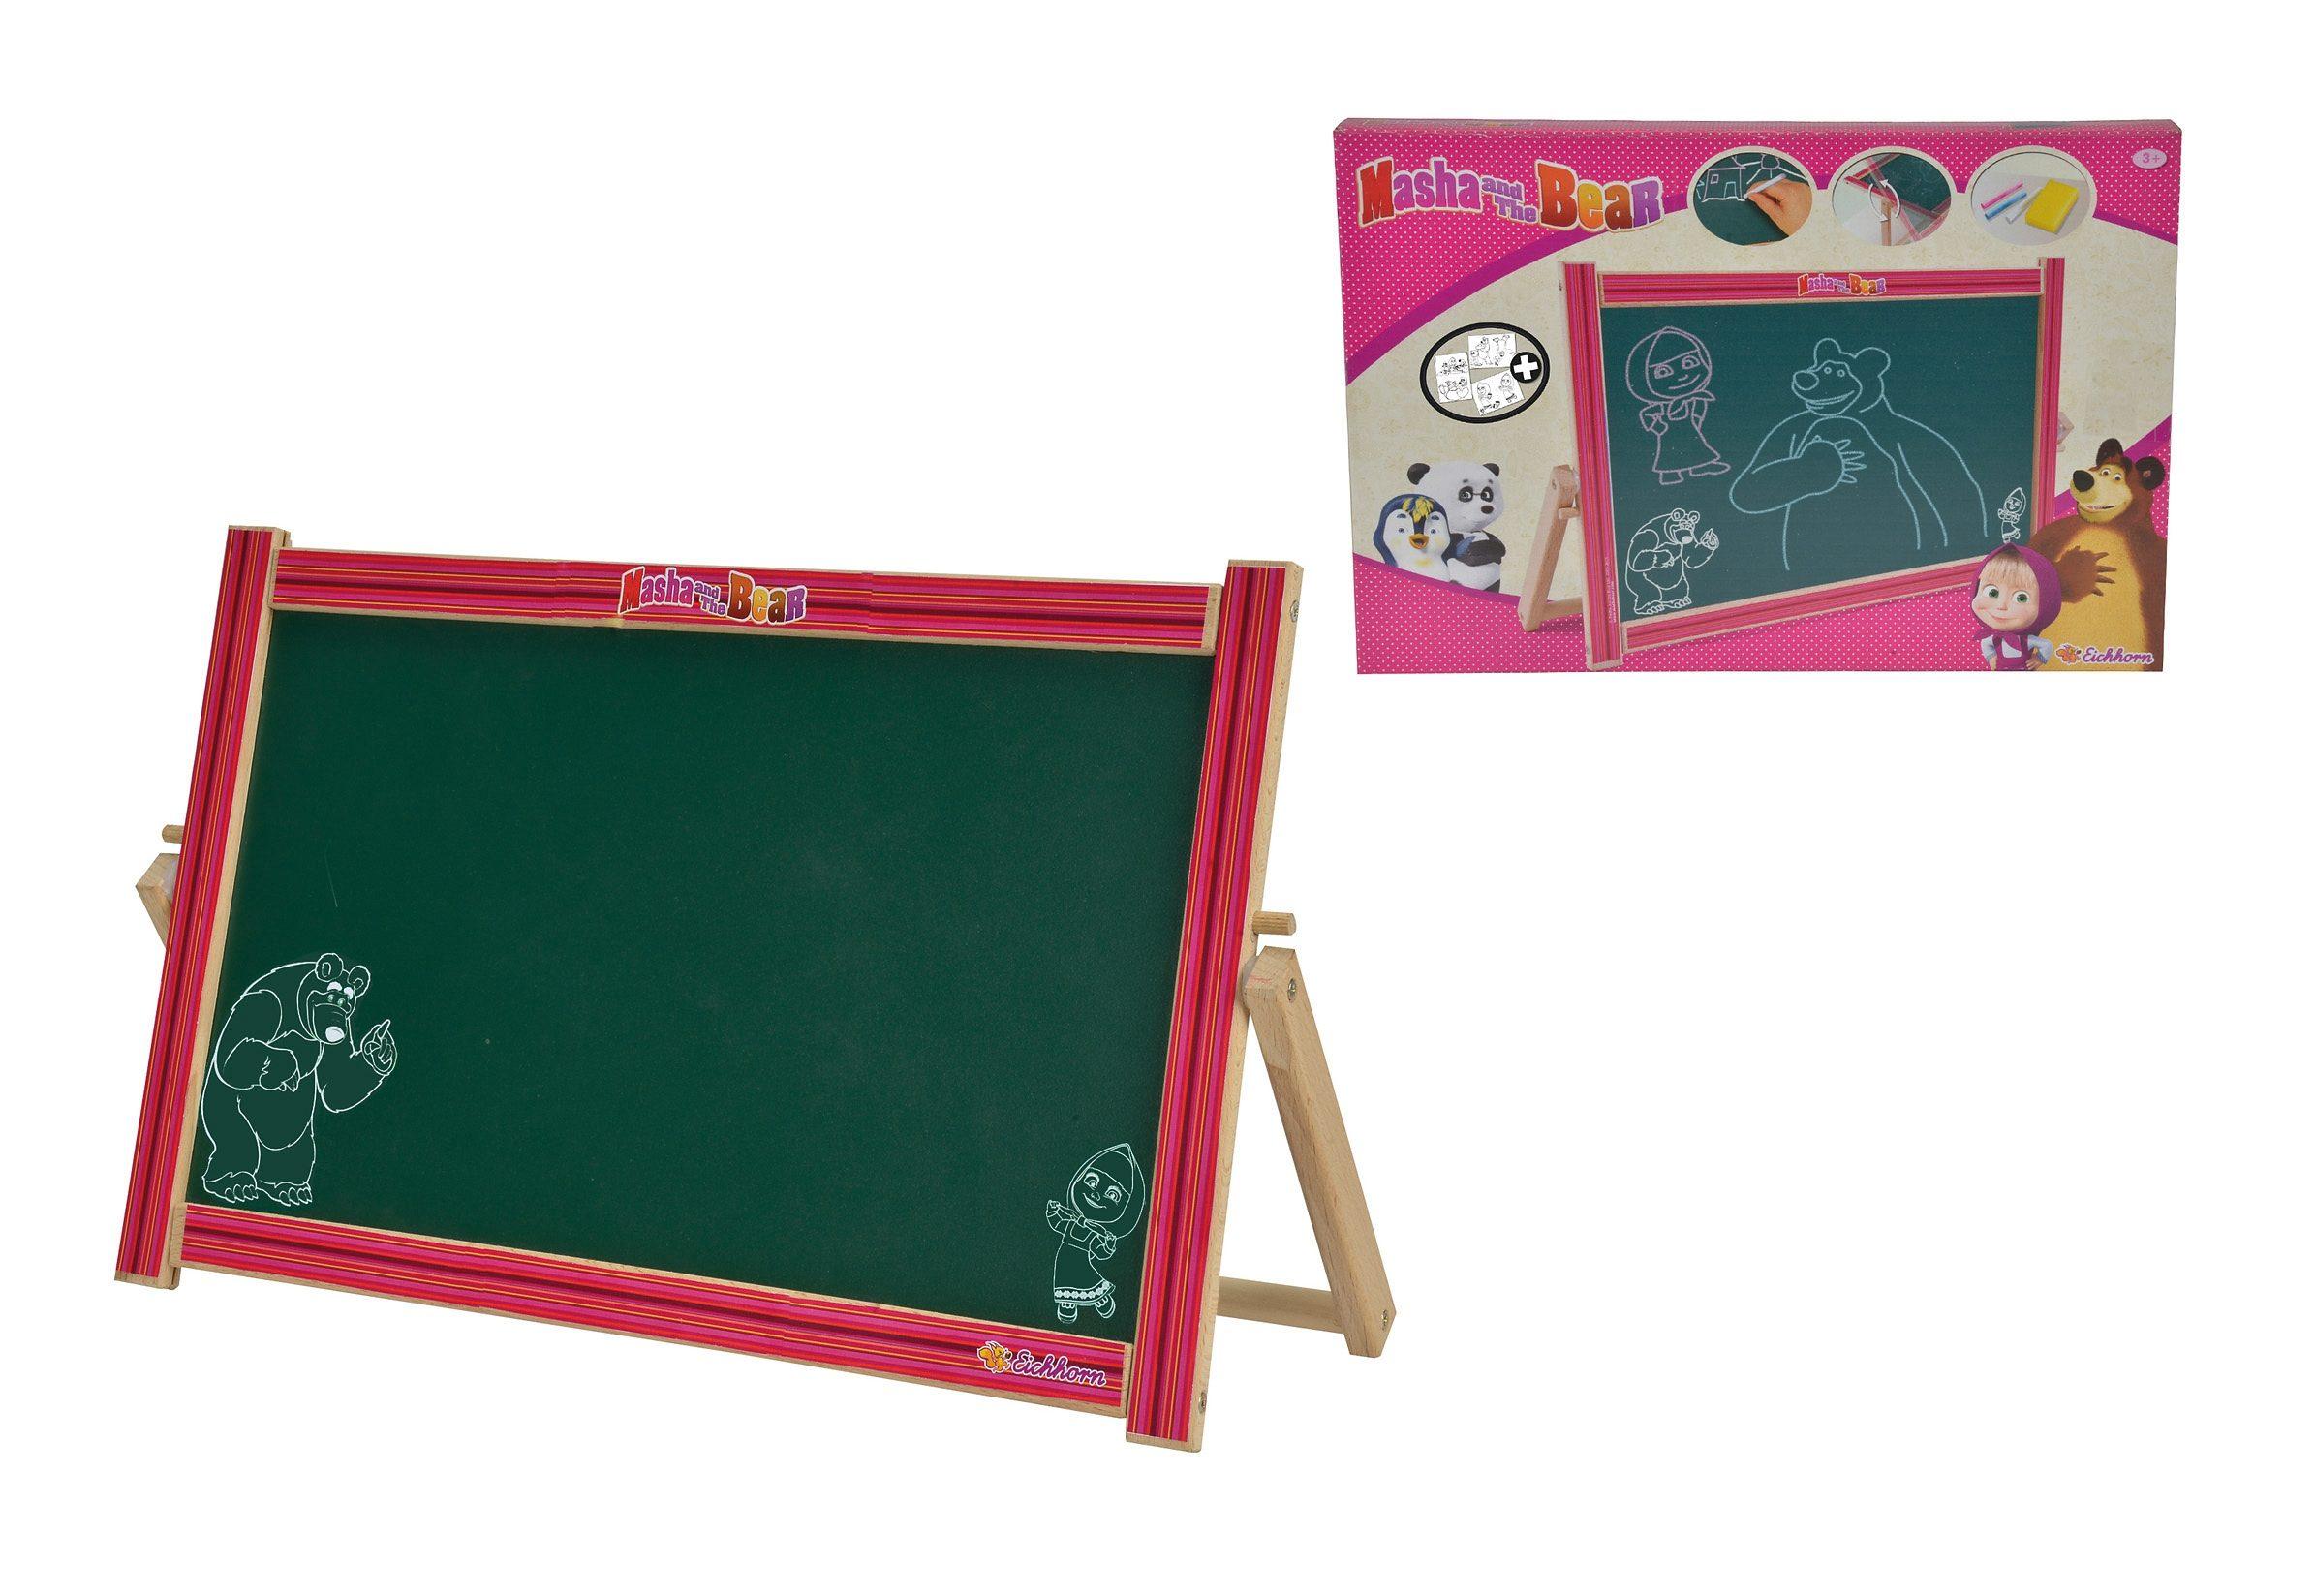 Eichhorn Tafel mit Magnetfunktion, »Masha und der Bär - Tisch-Drehtafel«